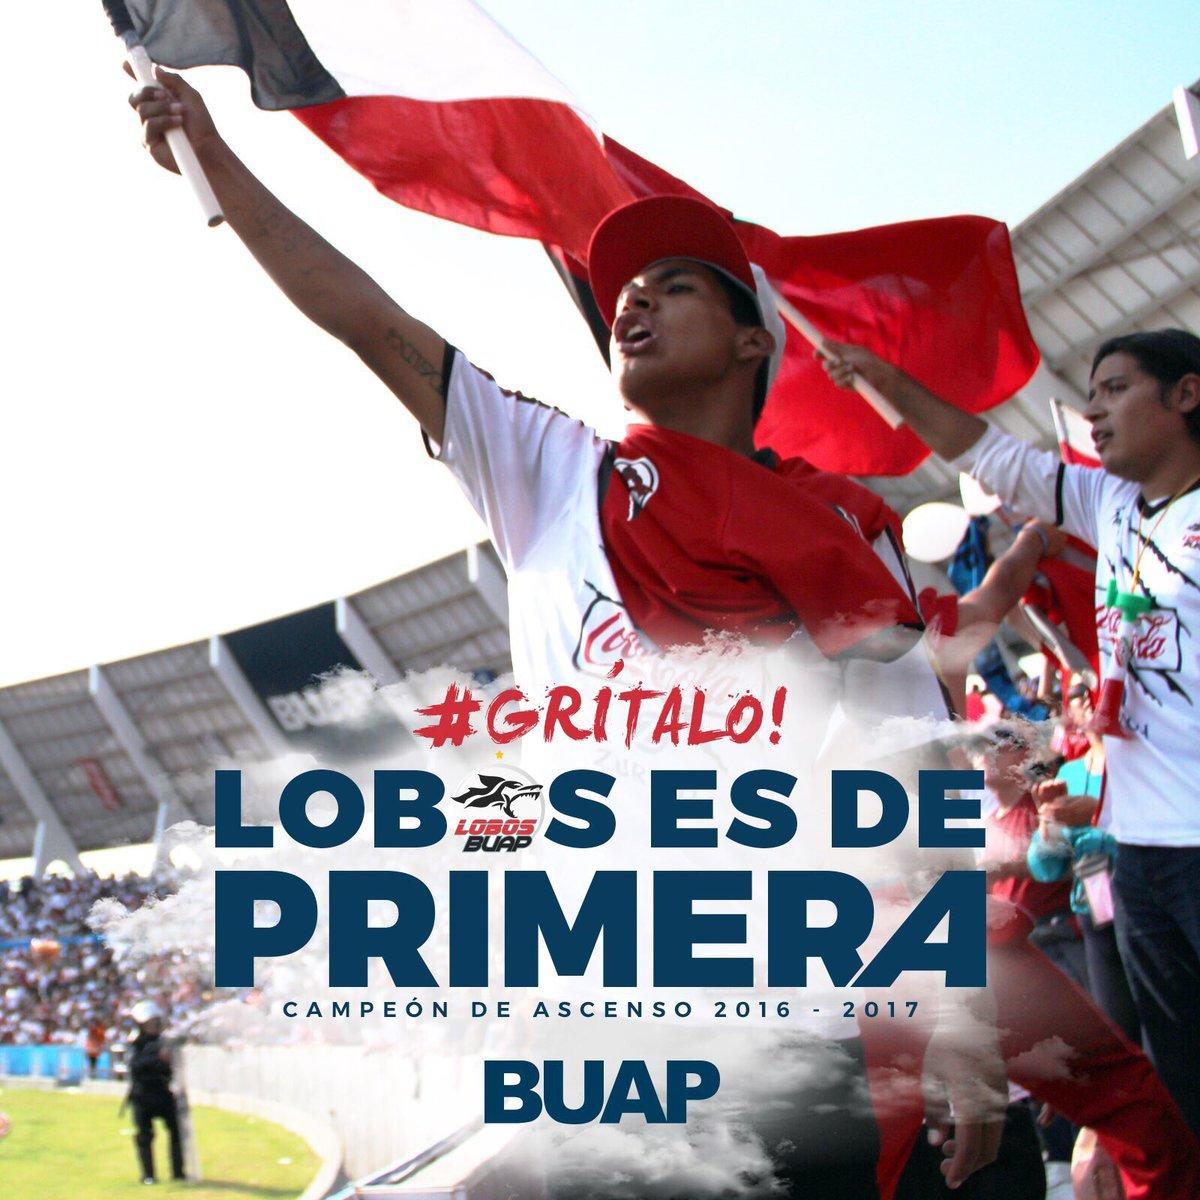 #Grítalo !@LobosBuapMX es un equipo de primera! ¡Gracias por jugar por nosotros! #SomosUnSoloEquipo https://t.co/FFQyth838I